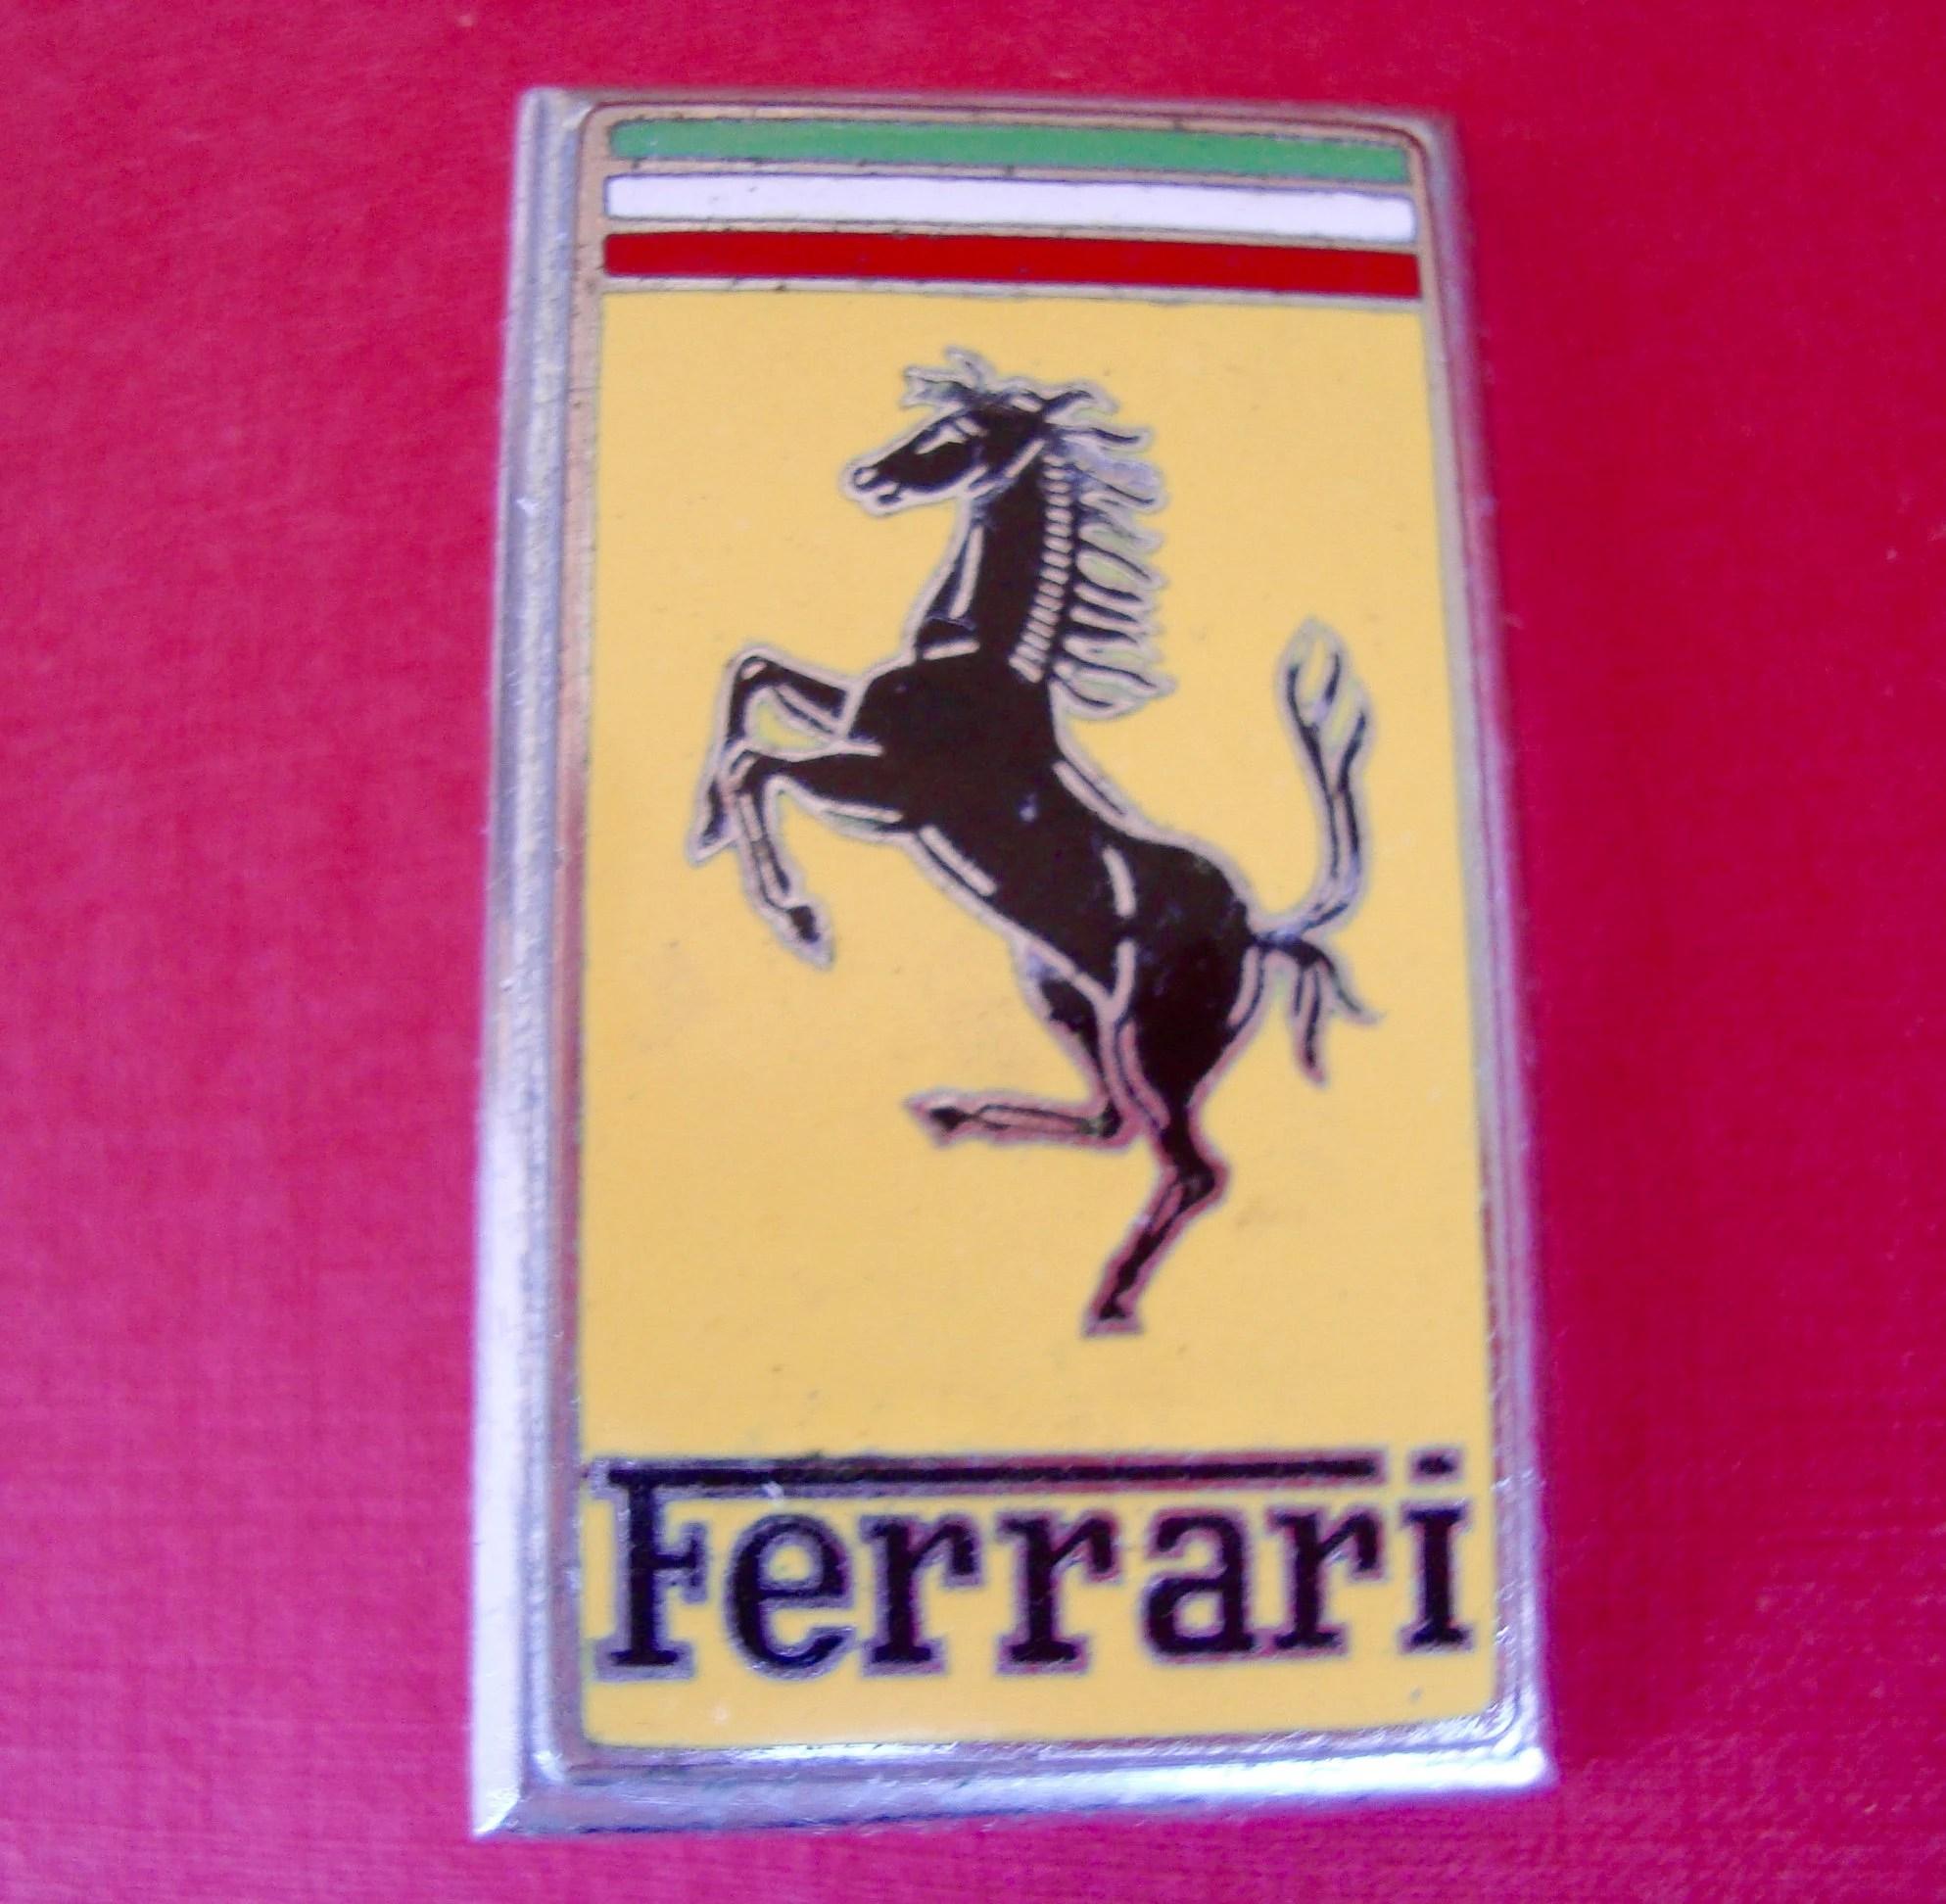 vintage ferrari emblem omea